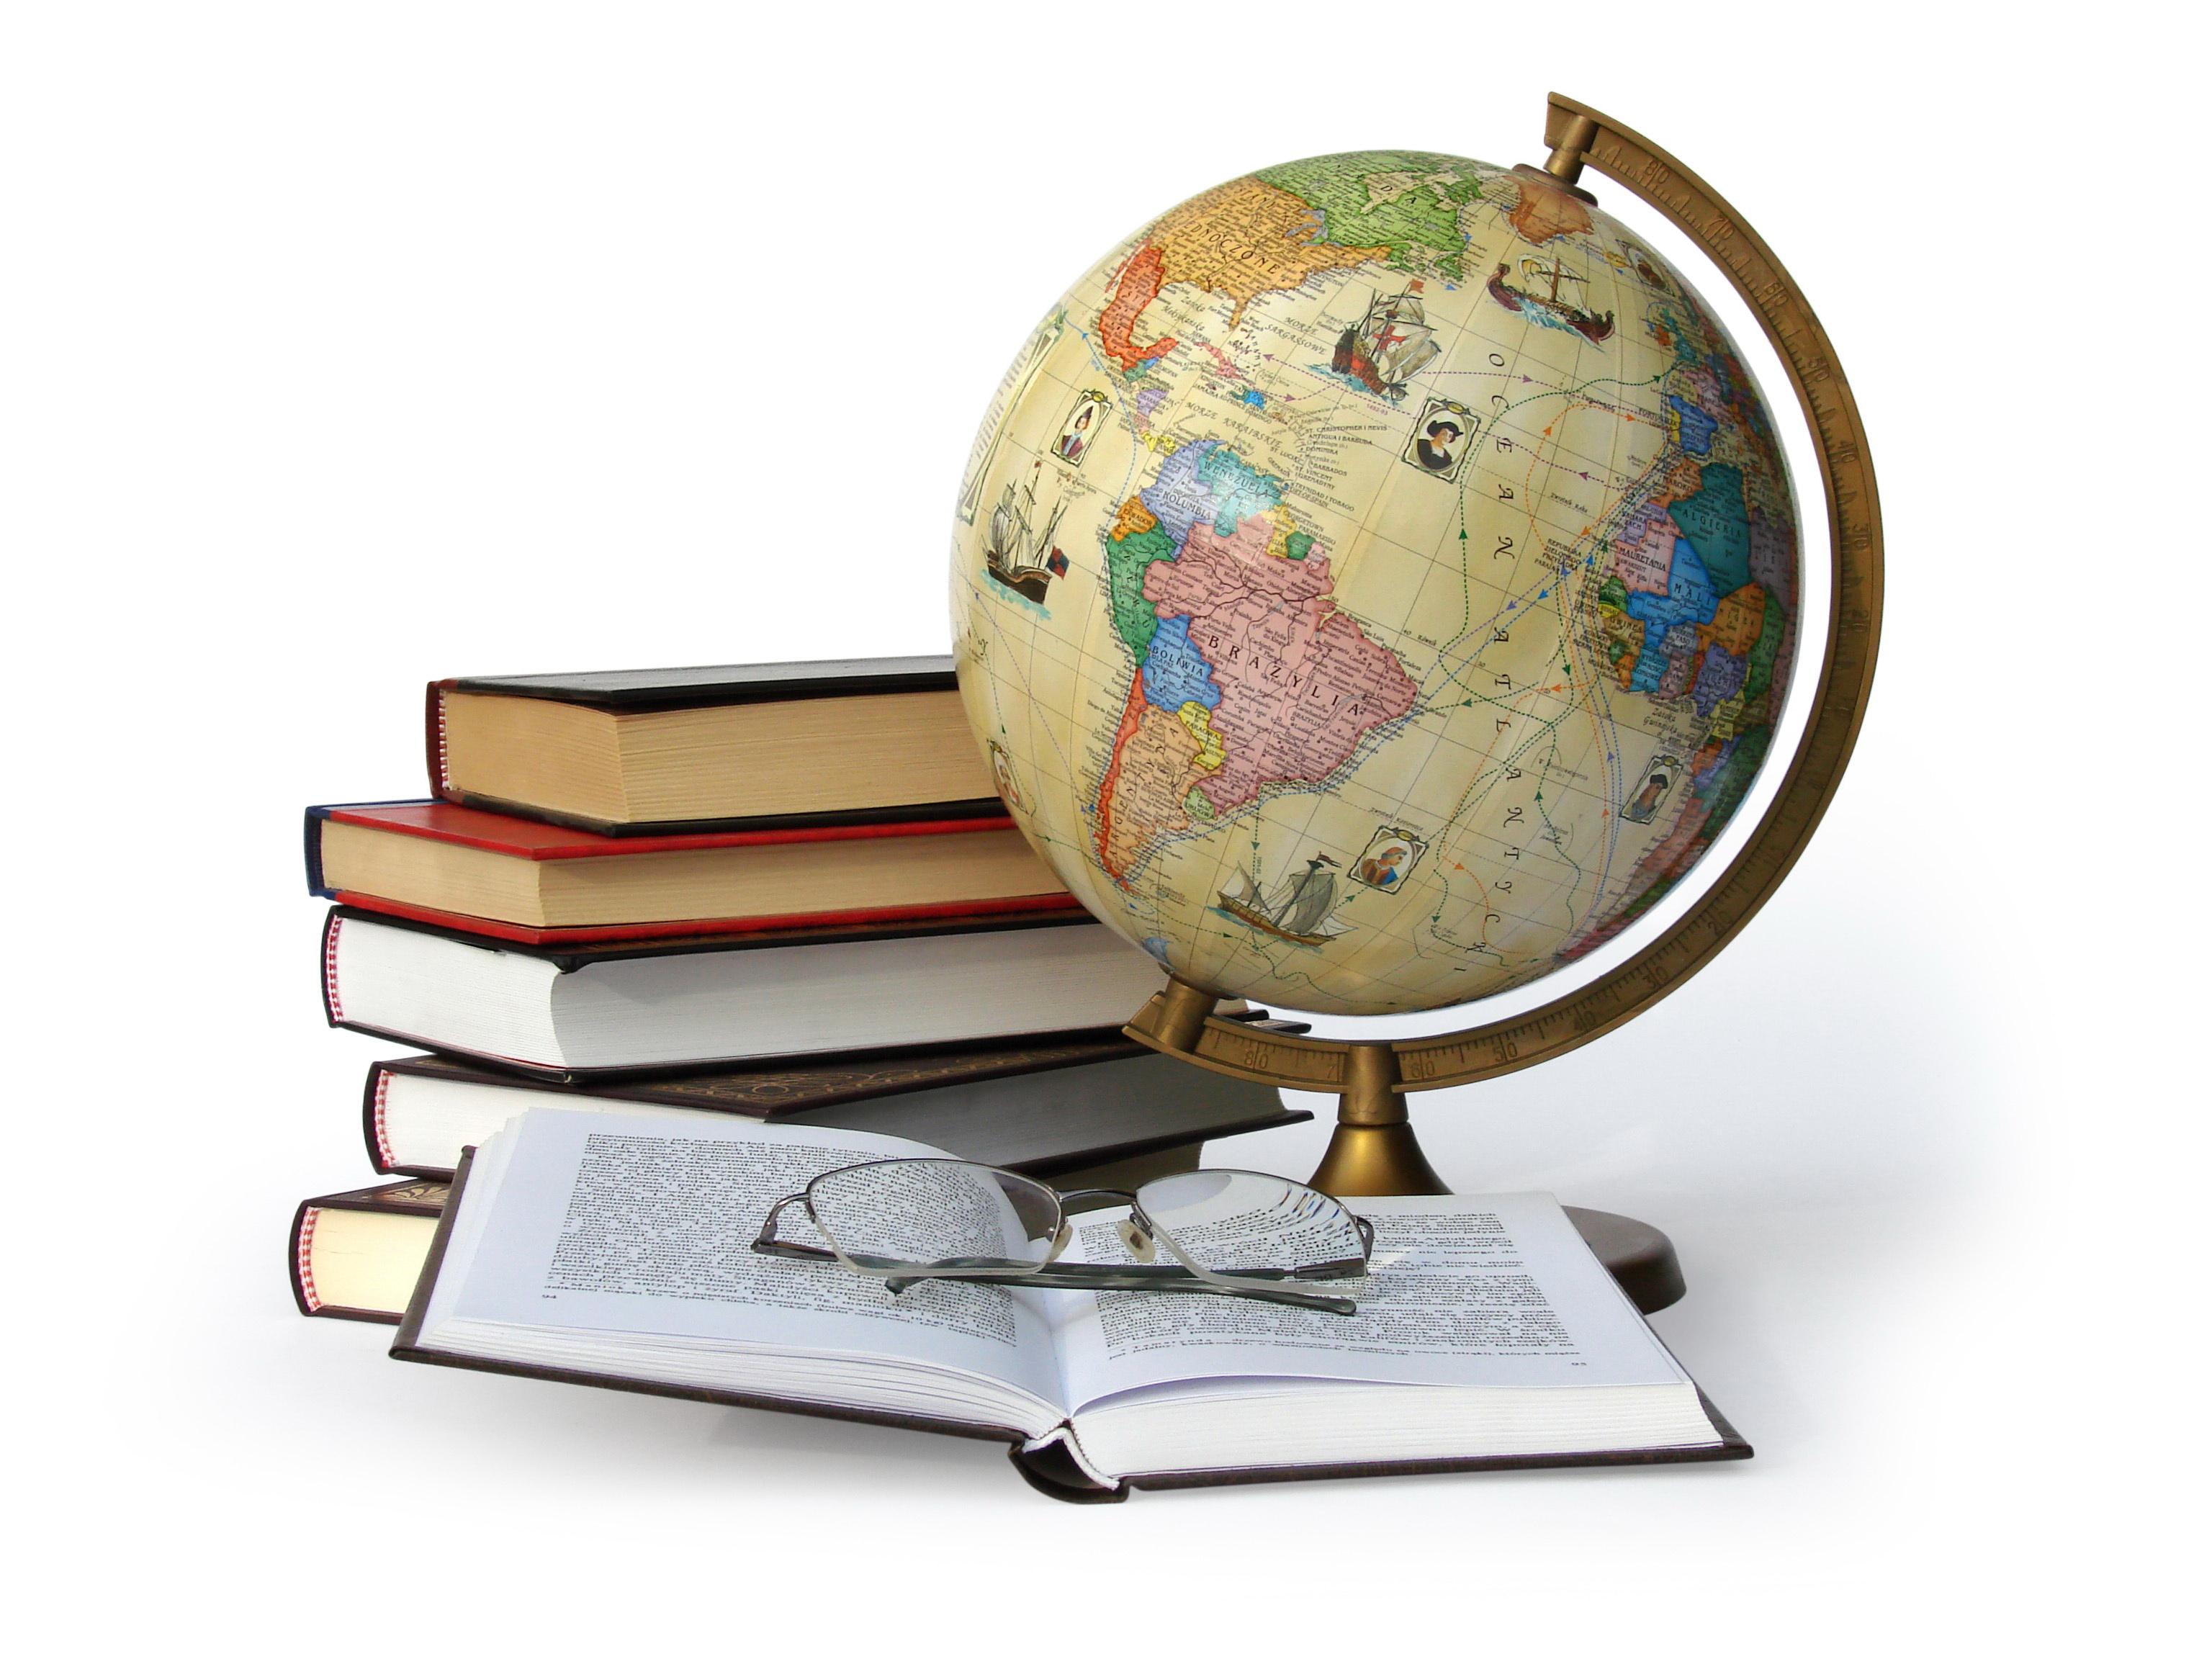 Географ глобус пропил скачать книгу бесплатно txt